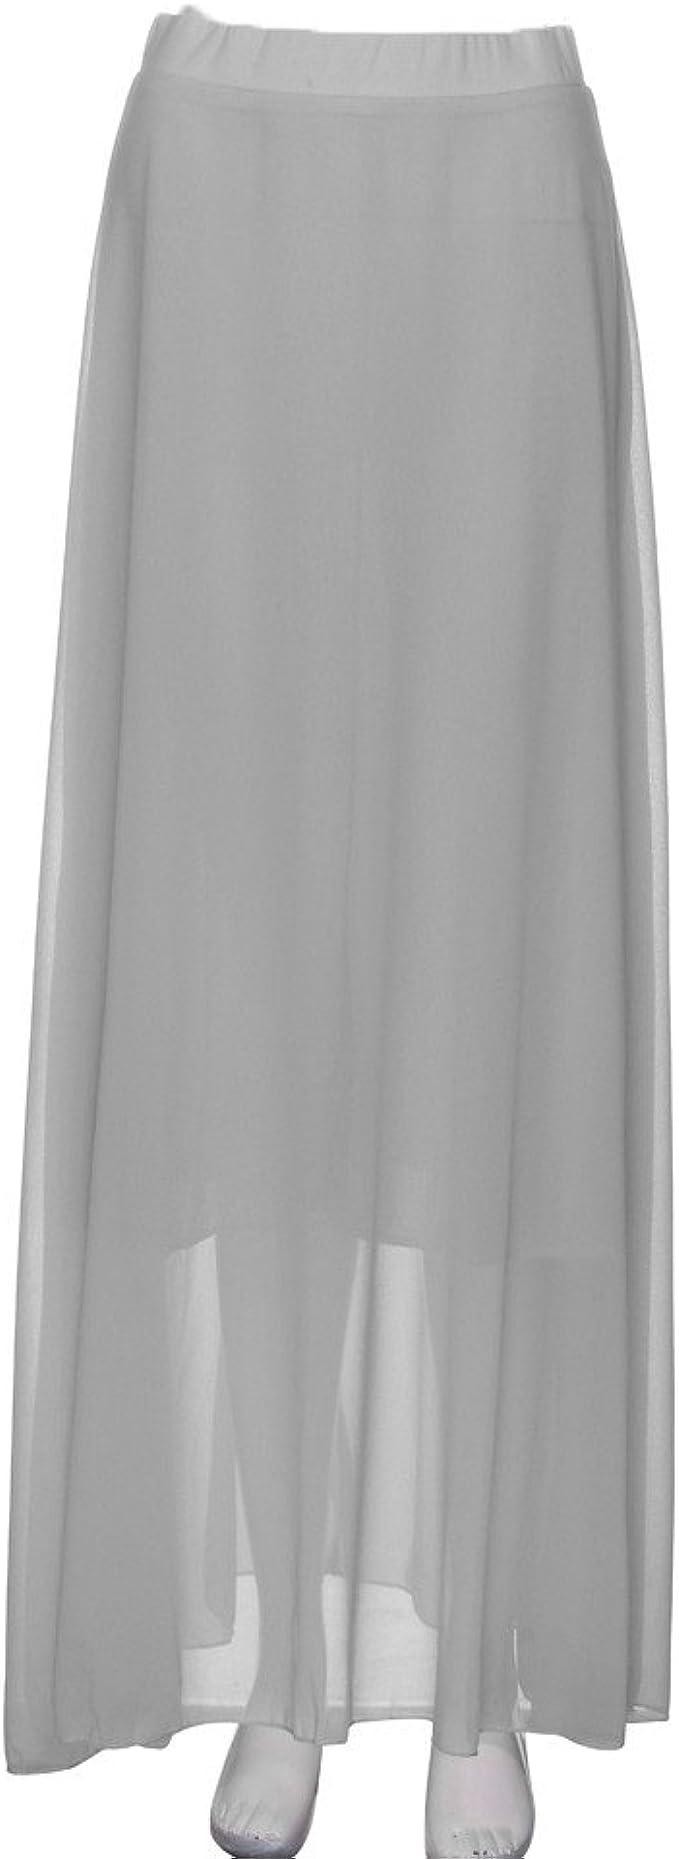 ShiTou, Skirts, Womens Chiffon Stretch Waist Skirt Pleated Pleated Skirt